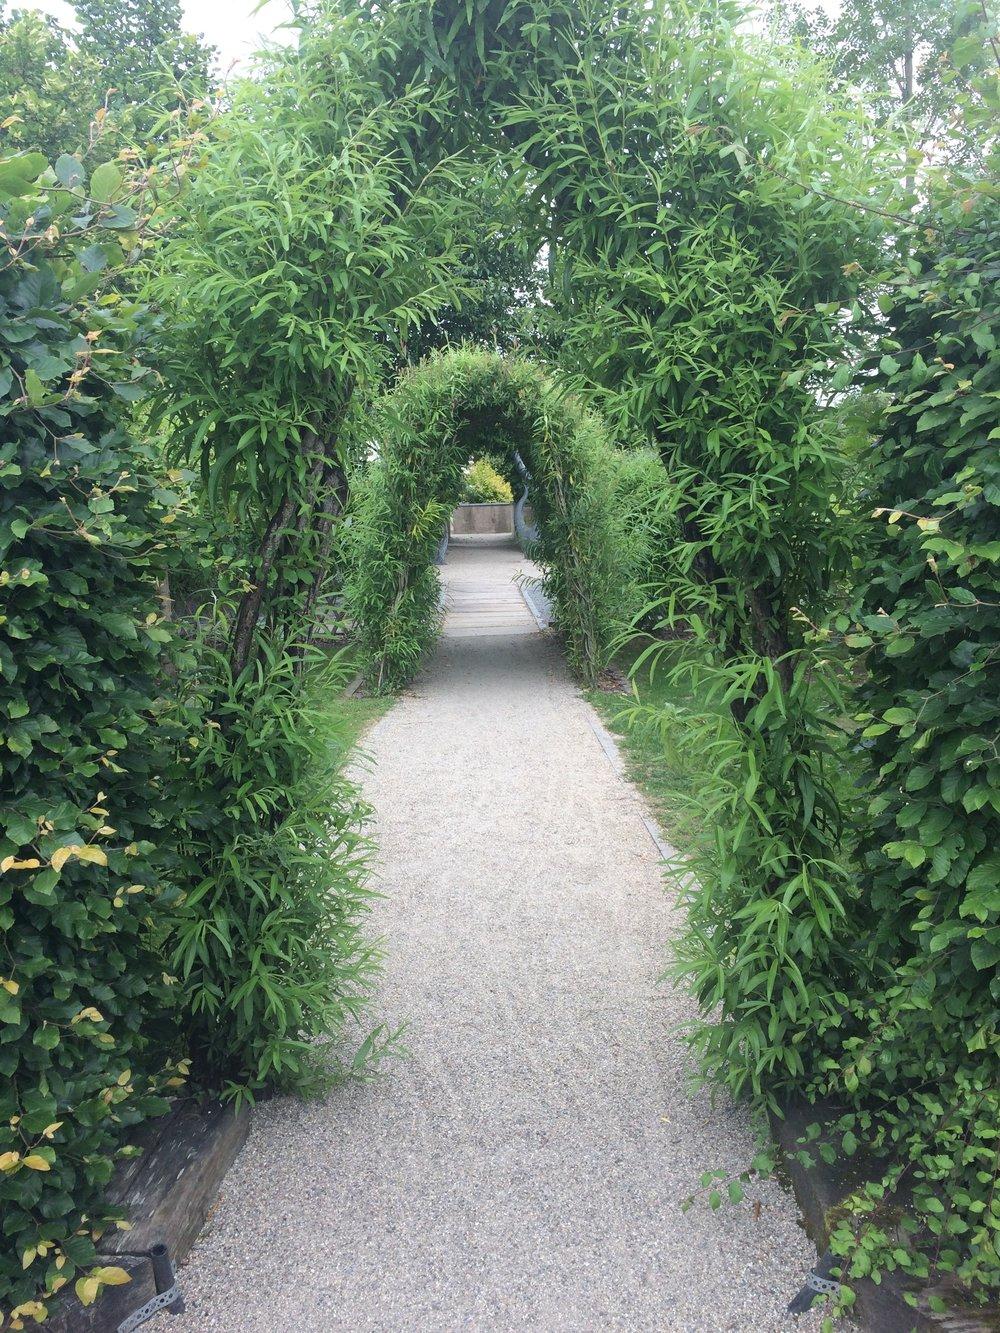 view at Delta Sensory Gardens